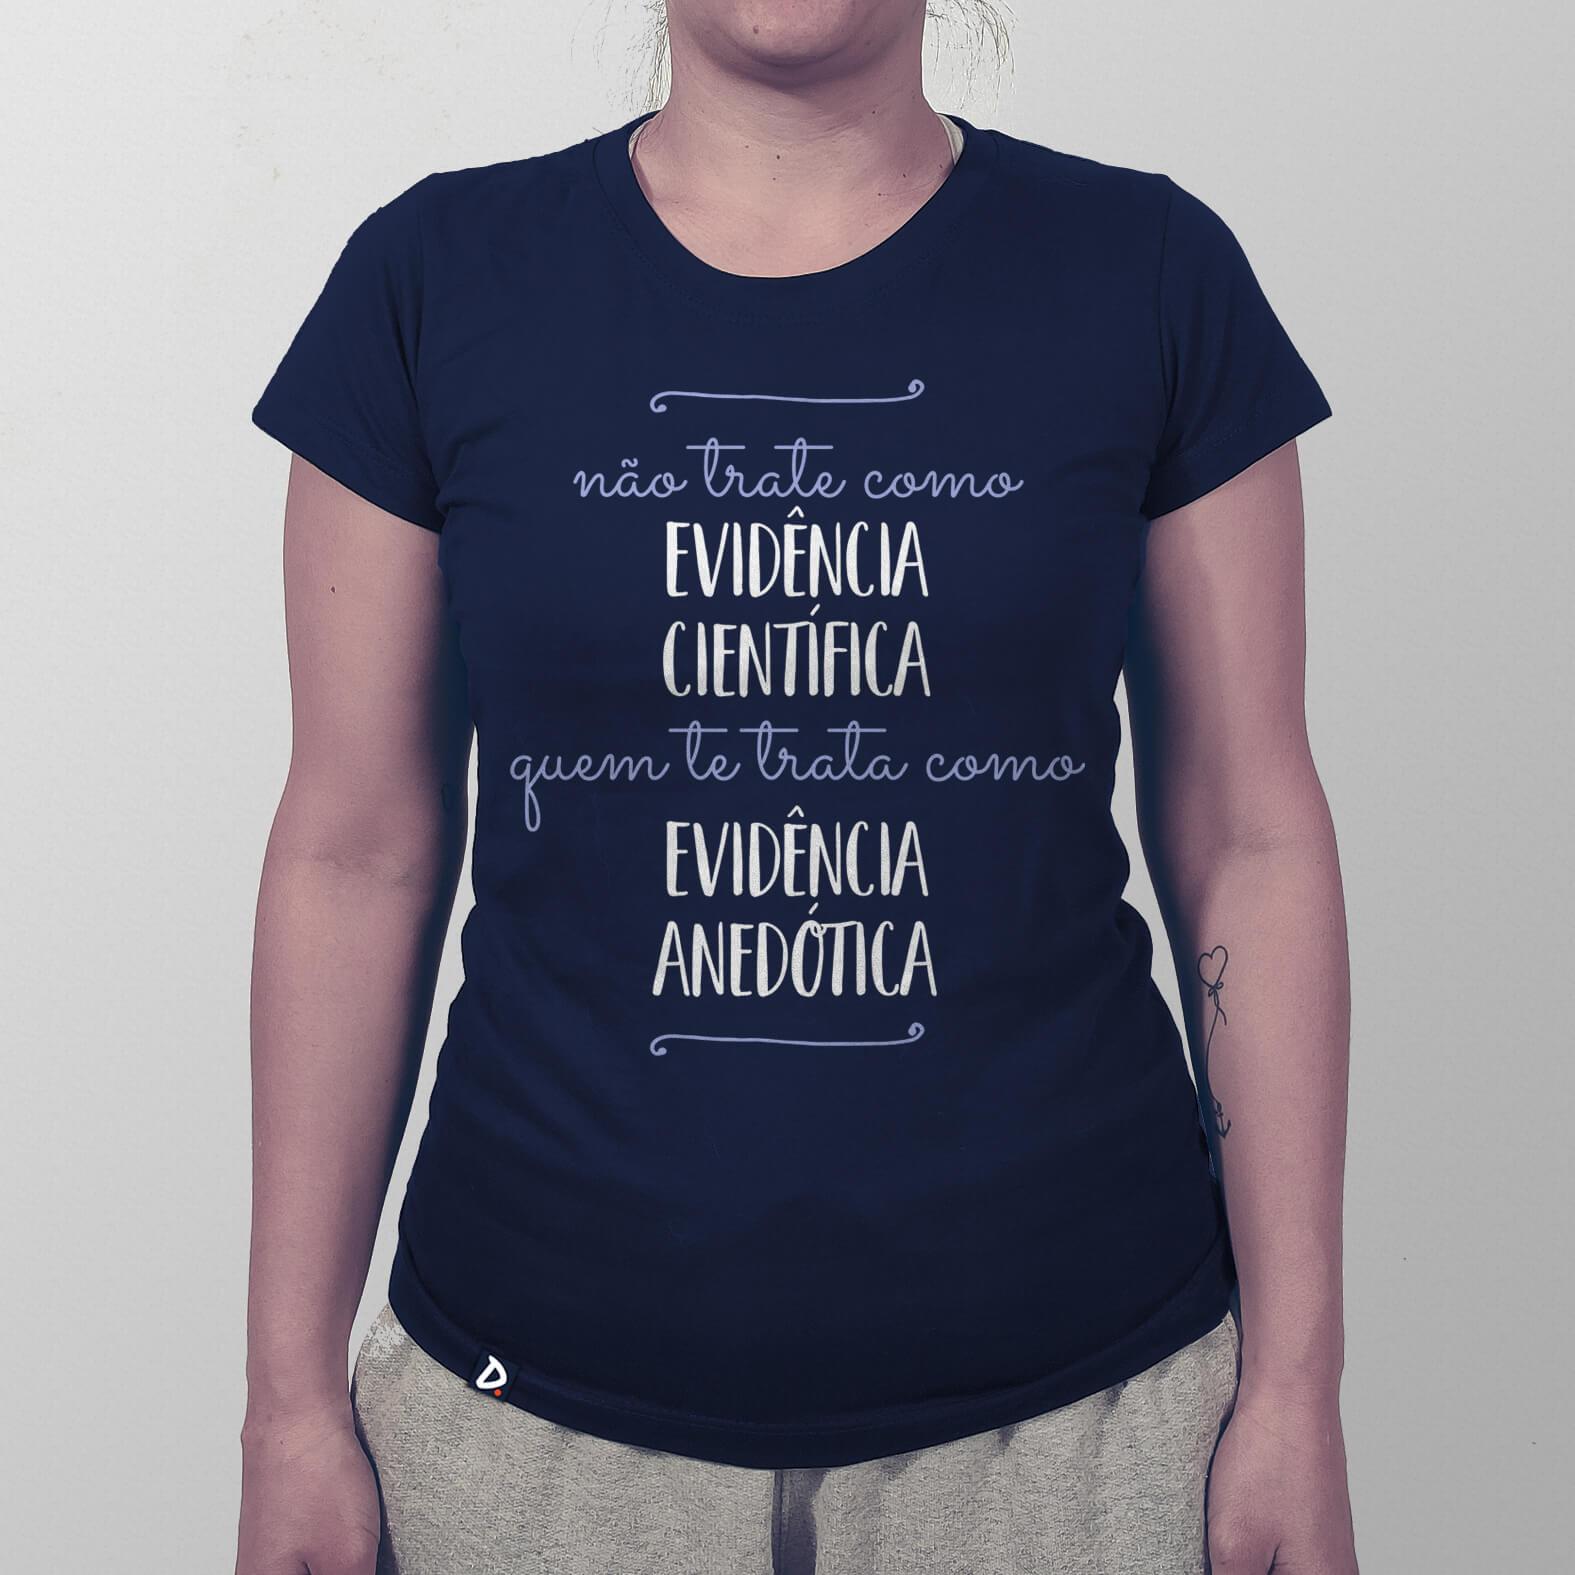 Camiseta Evidência Anedótica